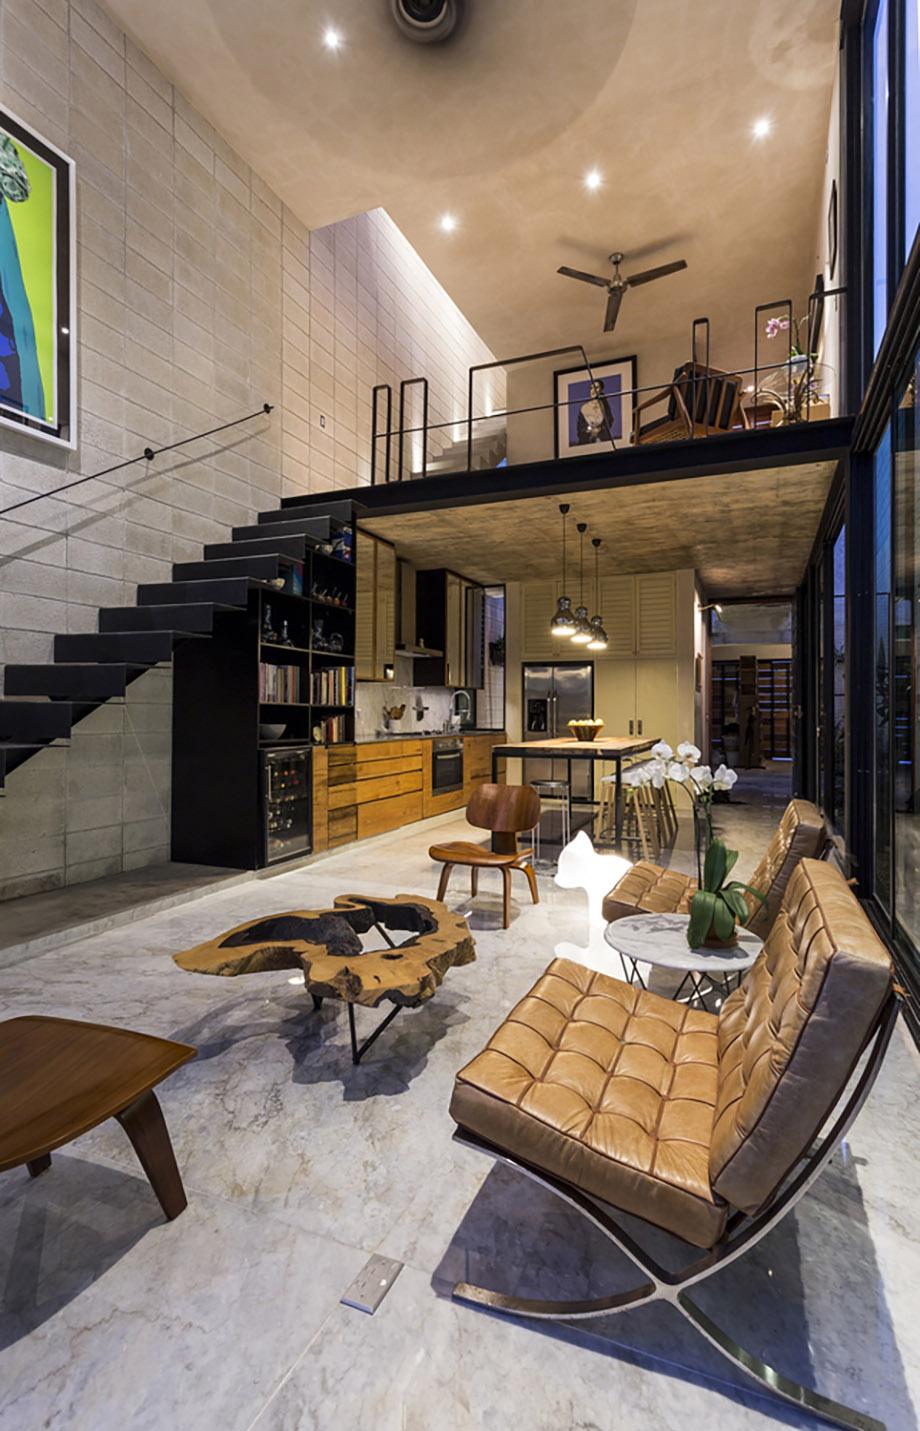 Le palier original du deuxième étage est inhabituel et intéressant.